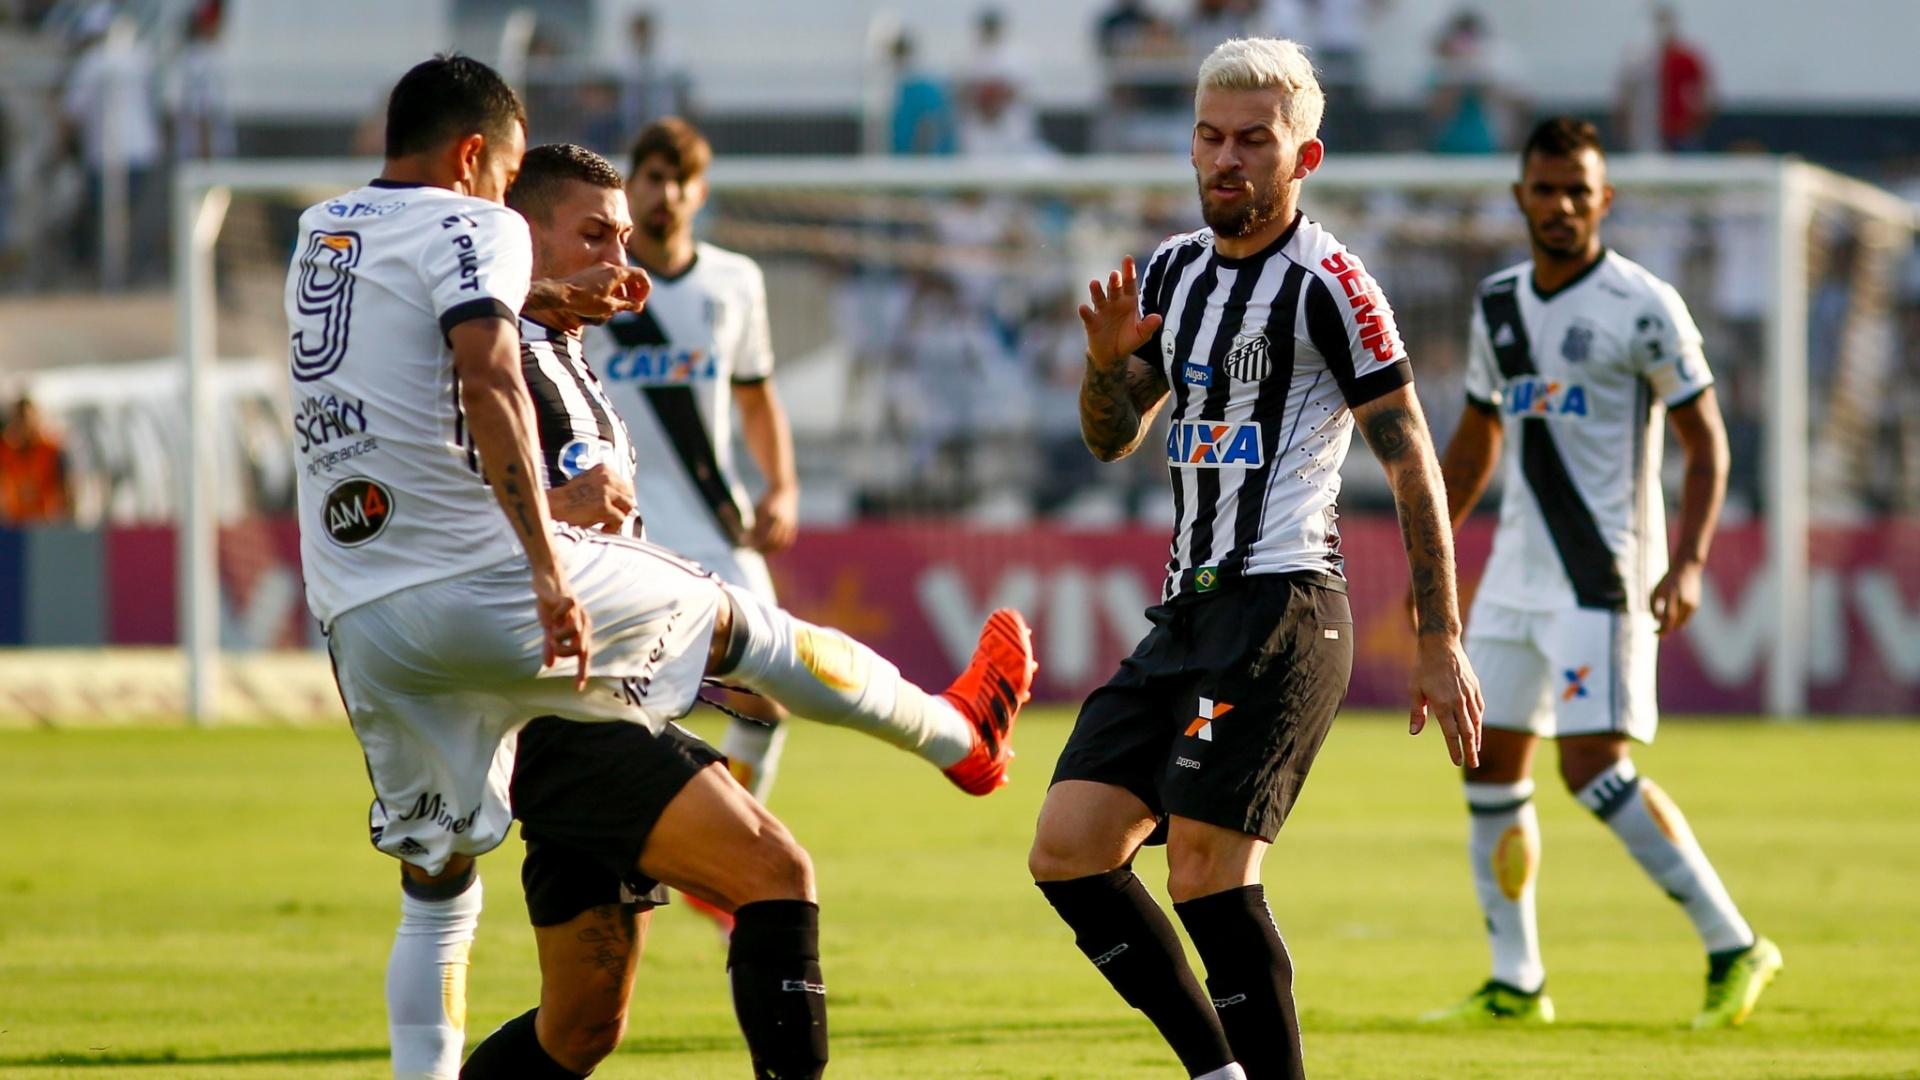 Lucca, da Ponte Preta, e Lucas Lima, do Santos, no duelo pela 27ª rodada do Campeonato Brasileiro